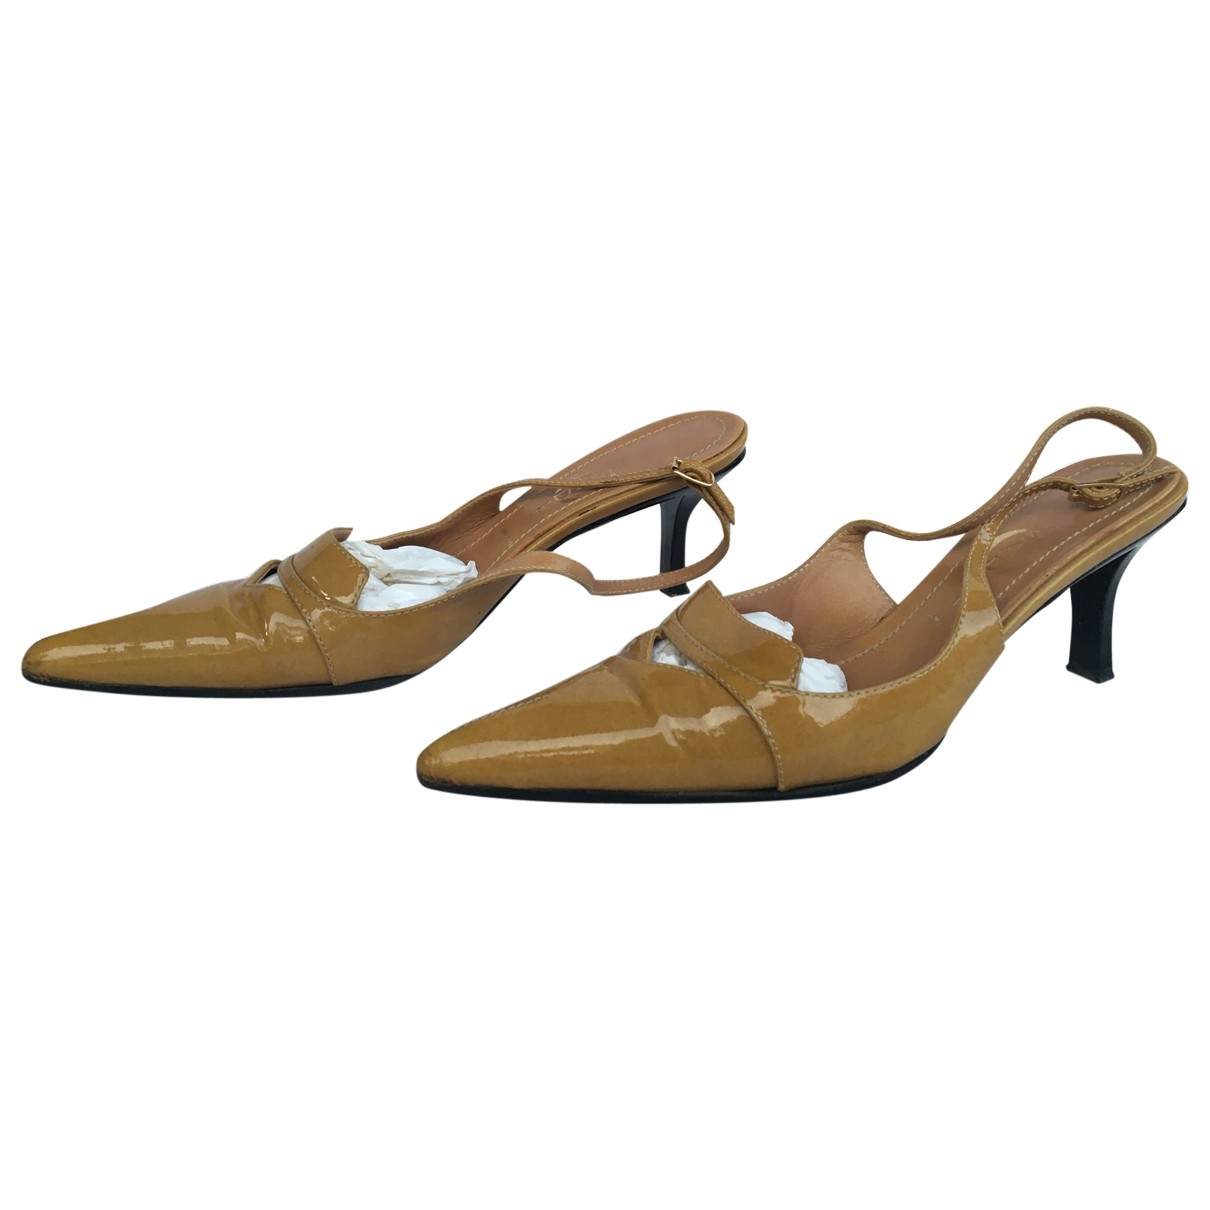 Casadei - Escarpins   pour femme en cuir verni - beige